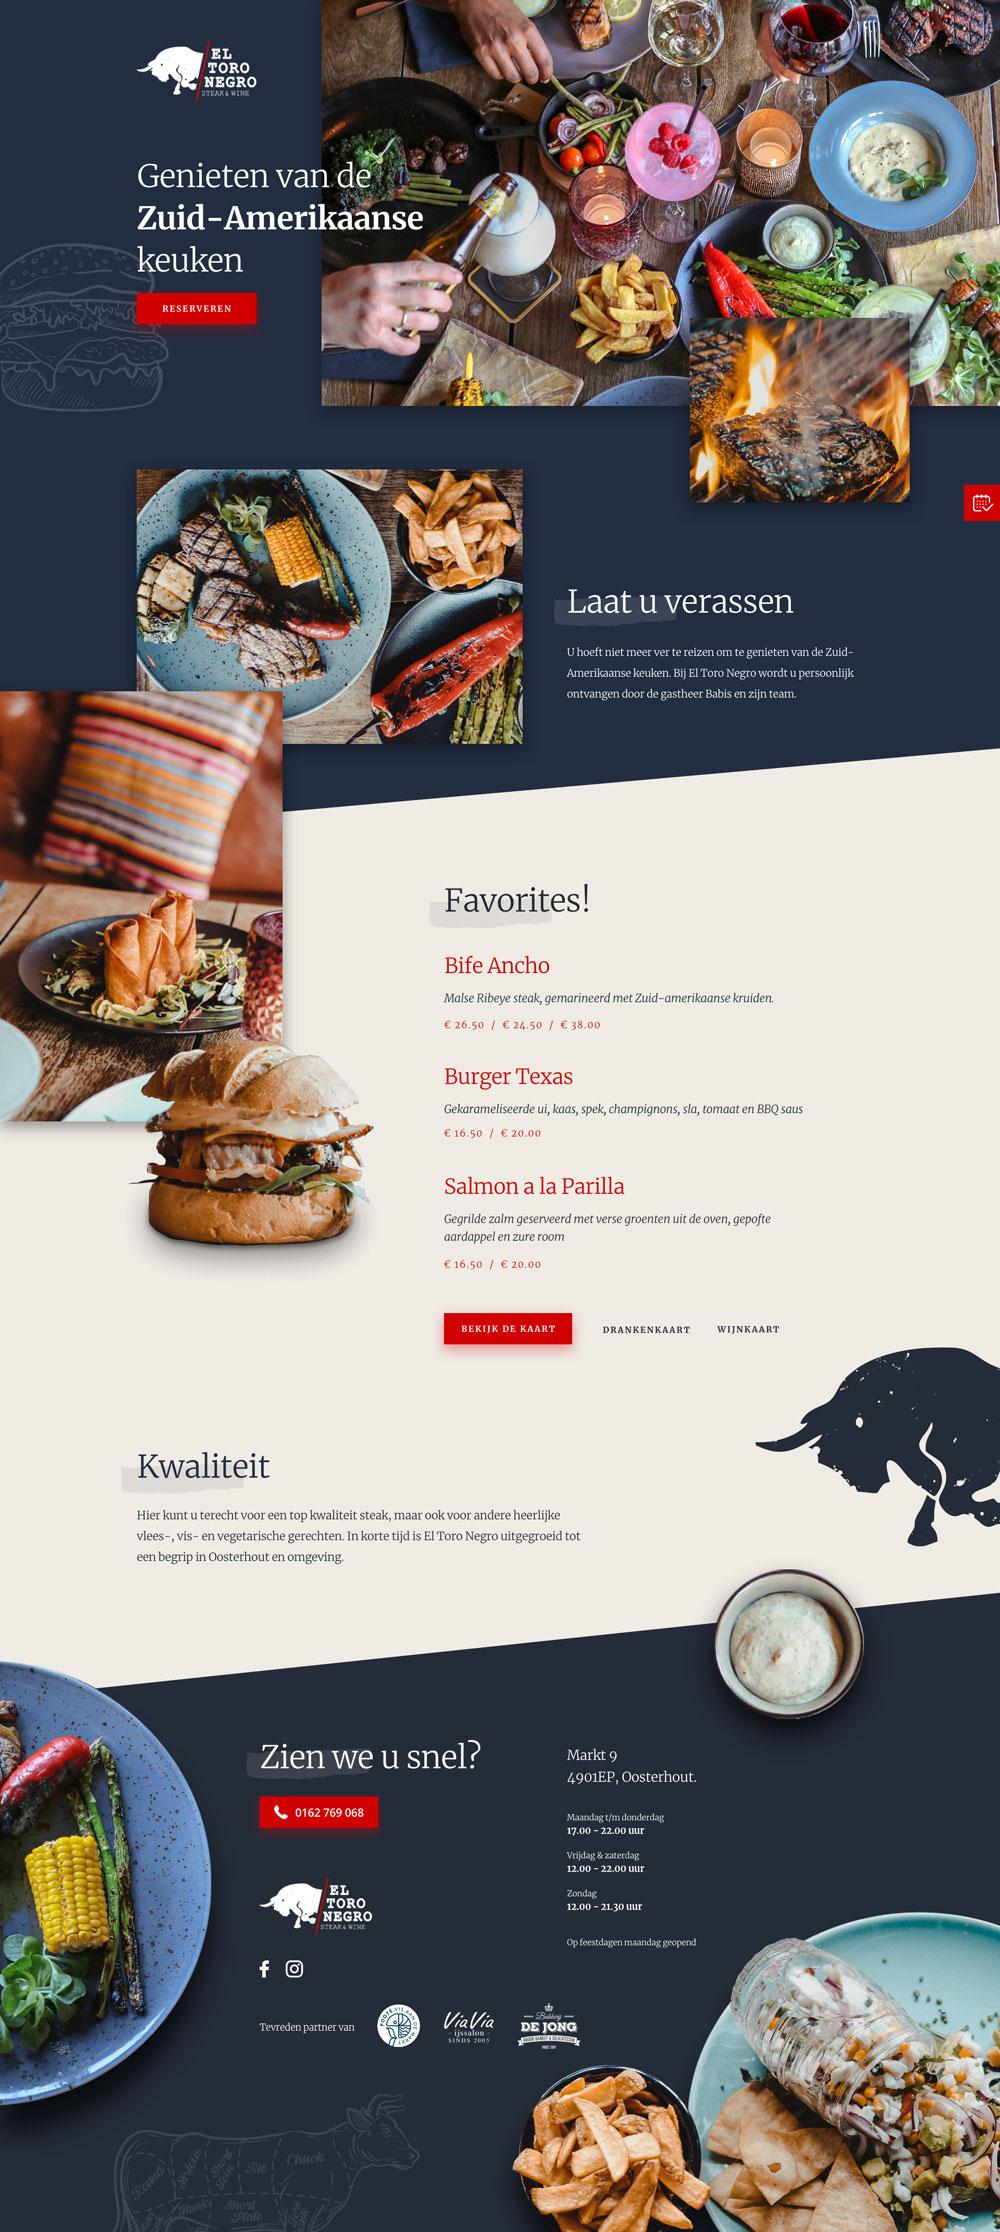 Responsive website design El Toro Negro